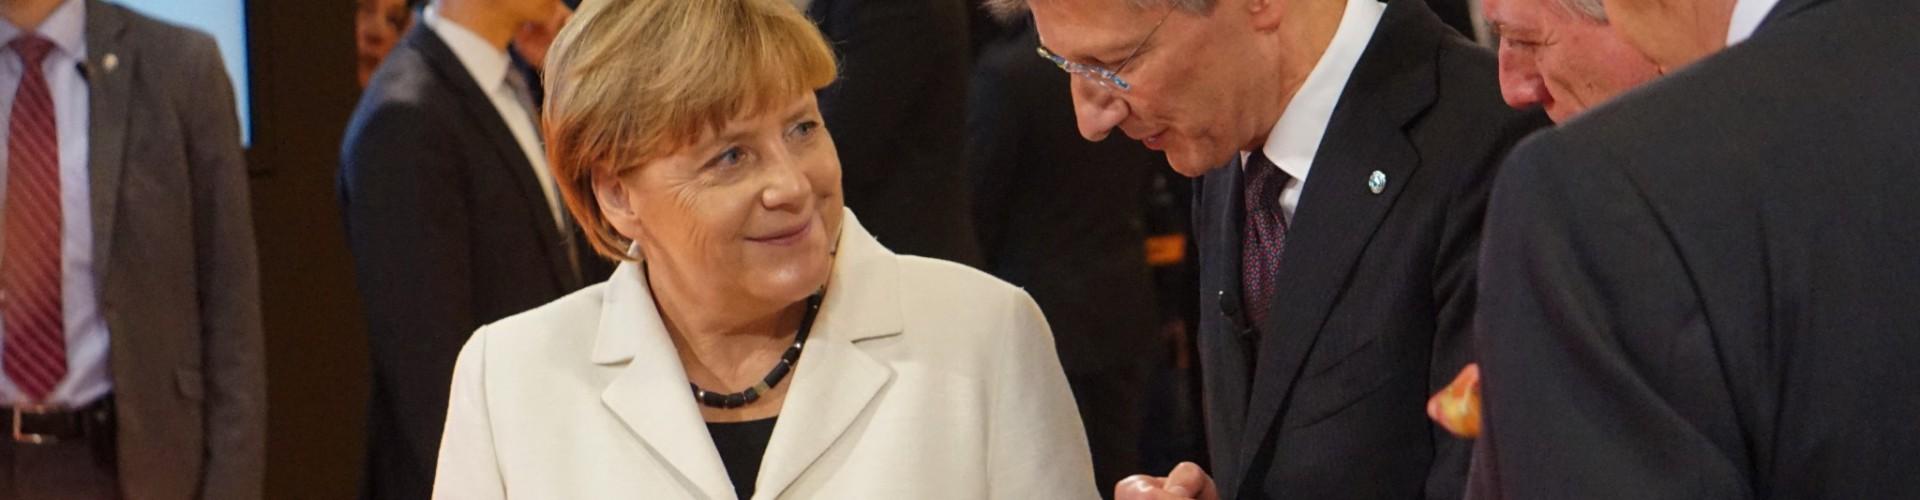 Bundeskanzlerin Merkel eröffnet die IAA – die weltweit wichtigste Mobilitätsmesse